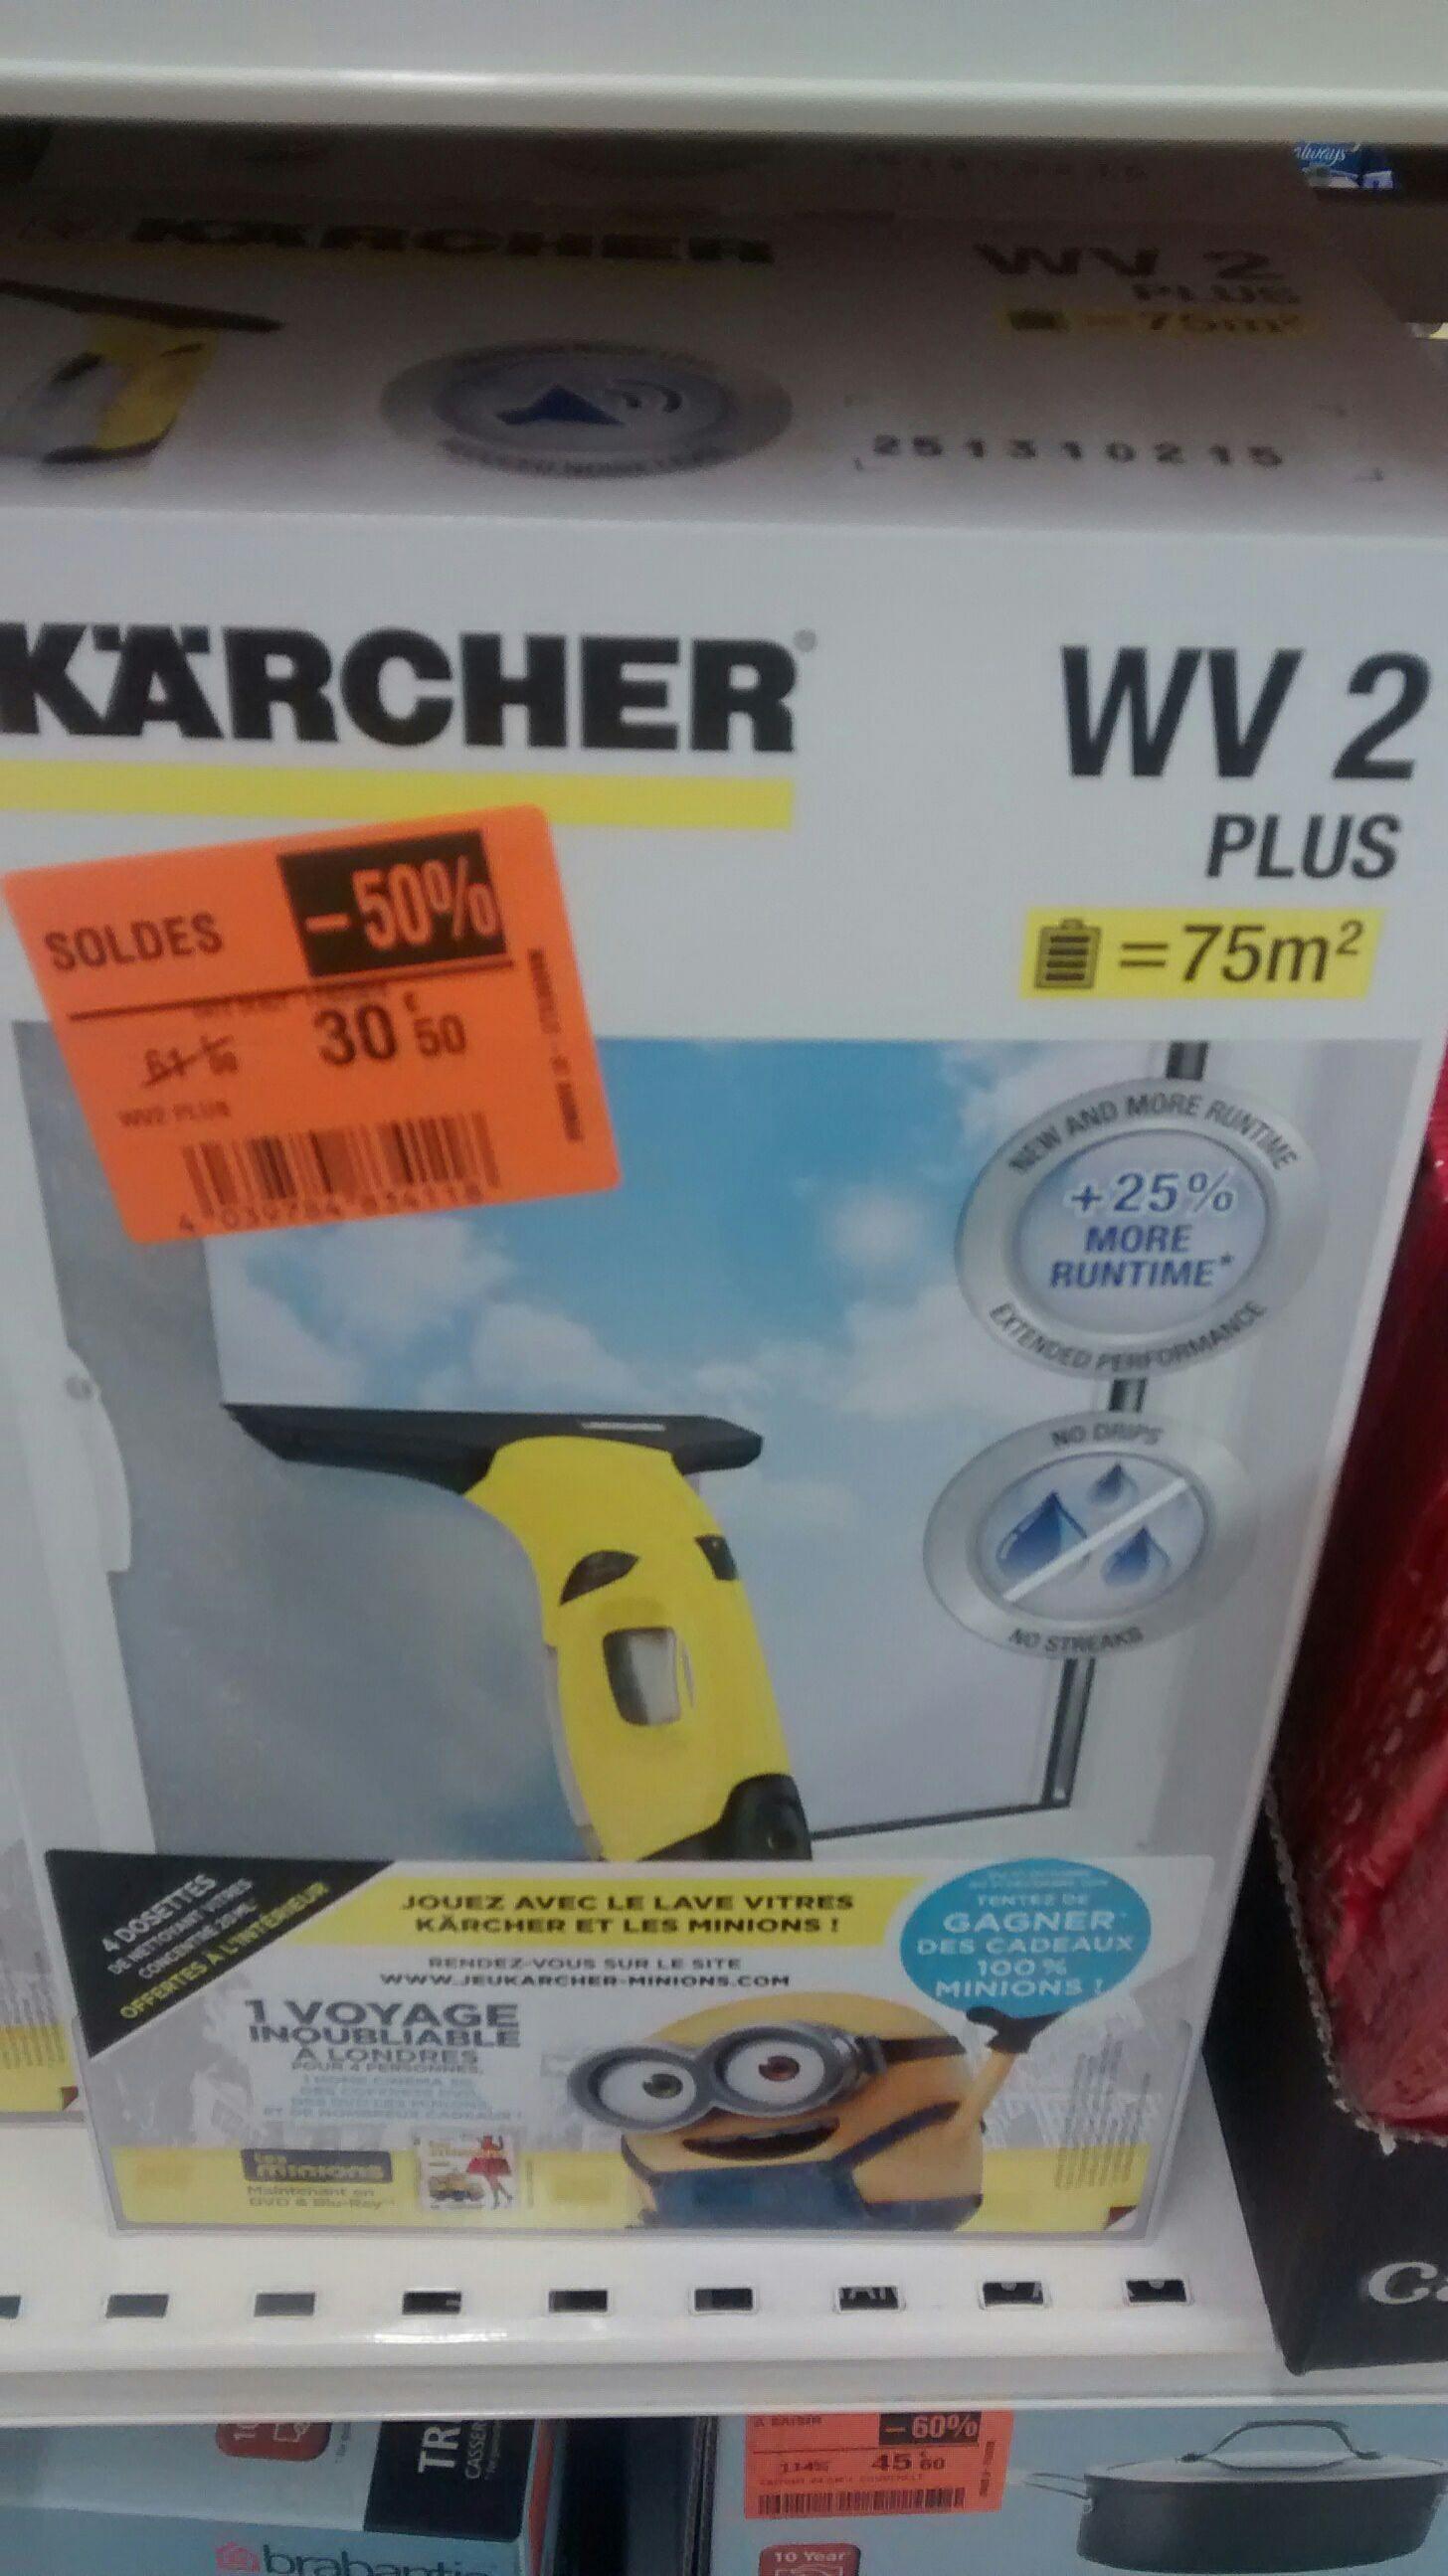 Nettoyeur vitre Karcher WV2 Plus